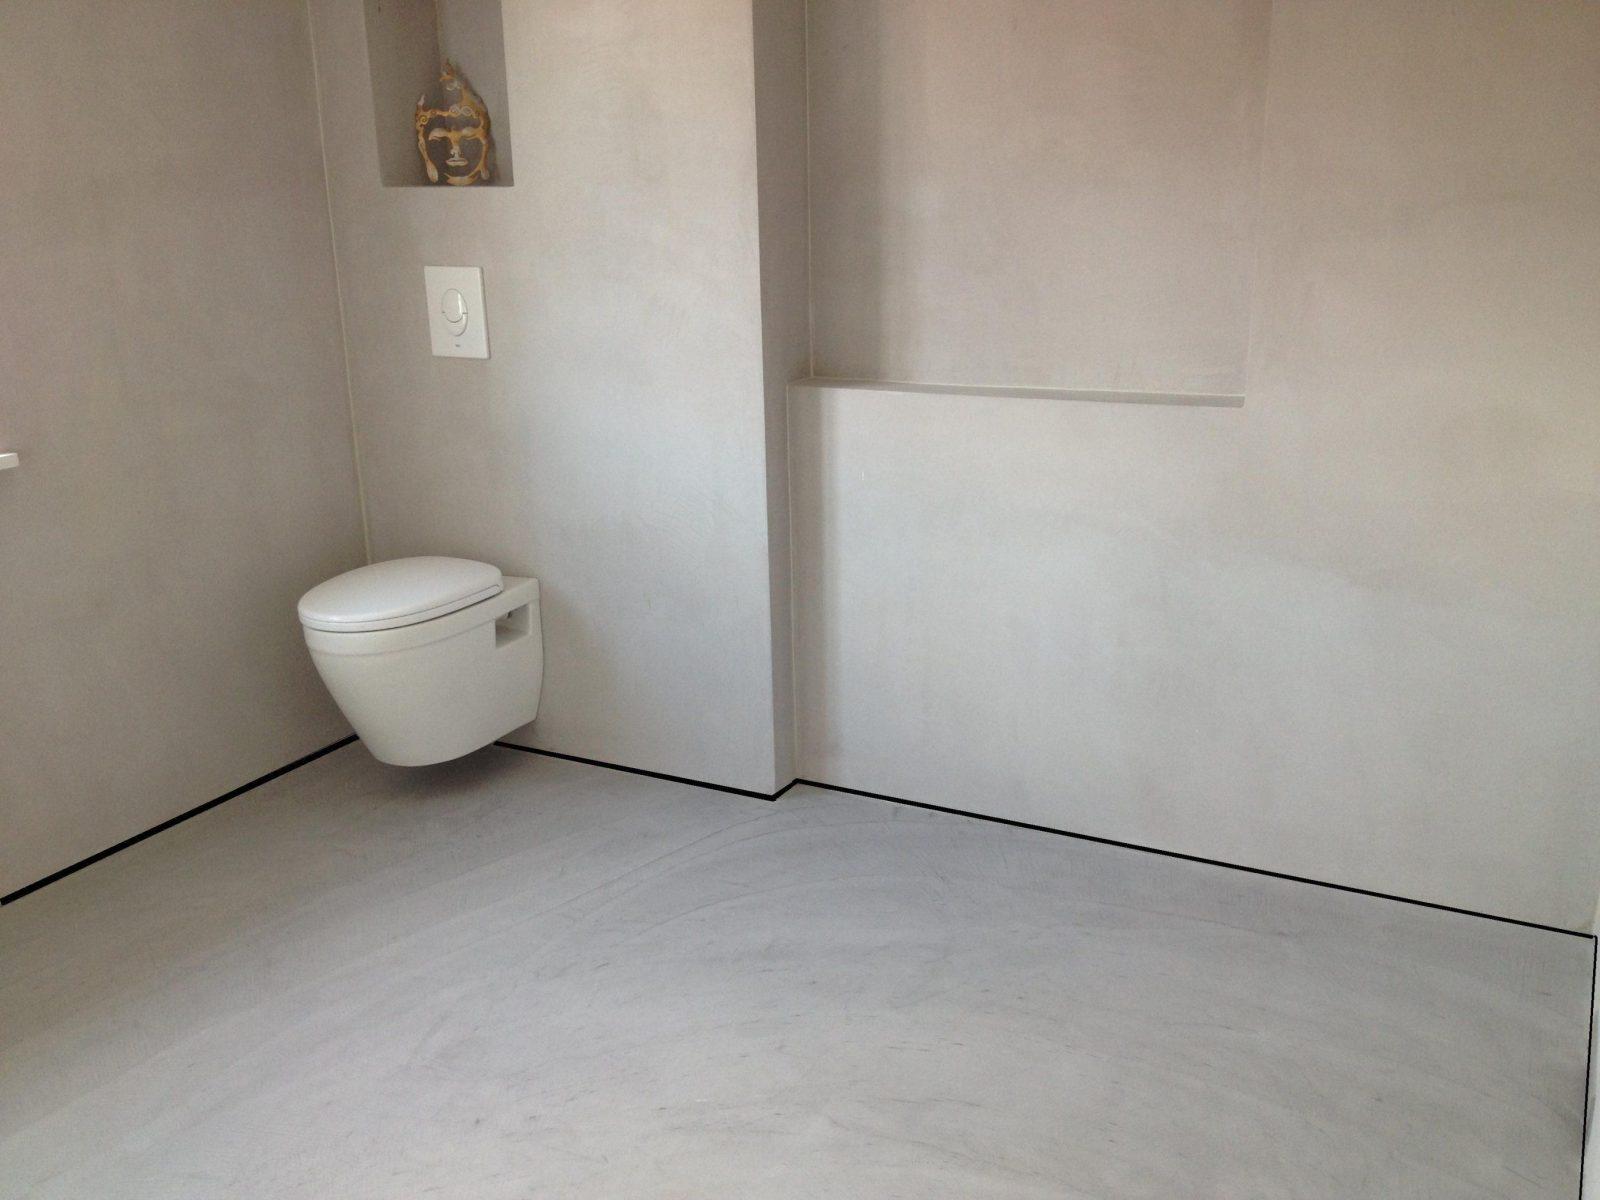 Badezimmer Alternative Zu Fliesen Wand Statt Fliese Putz Glas